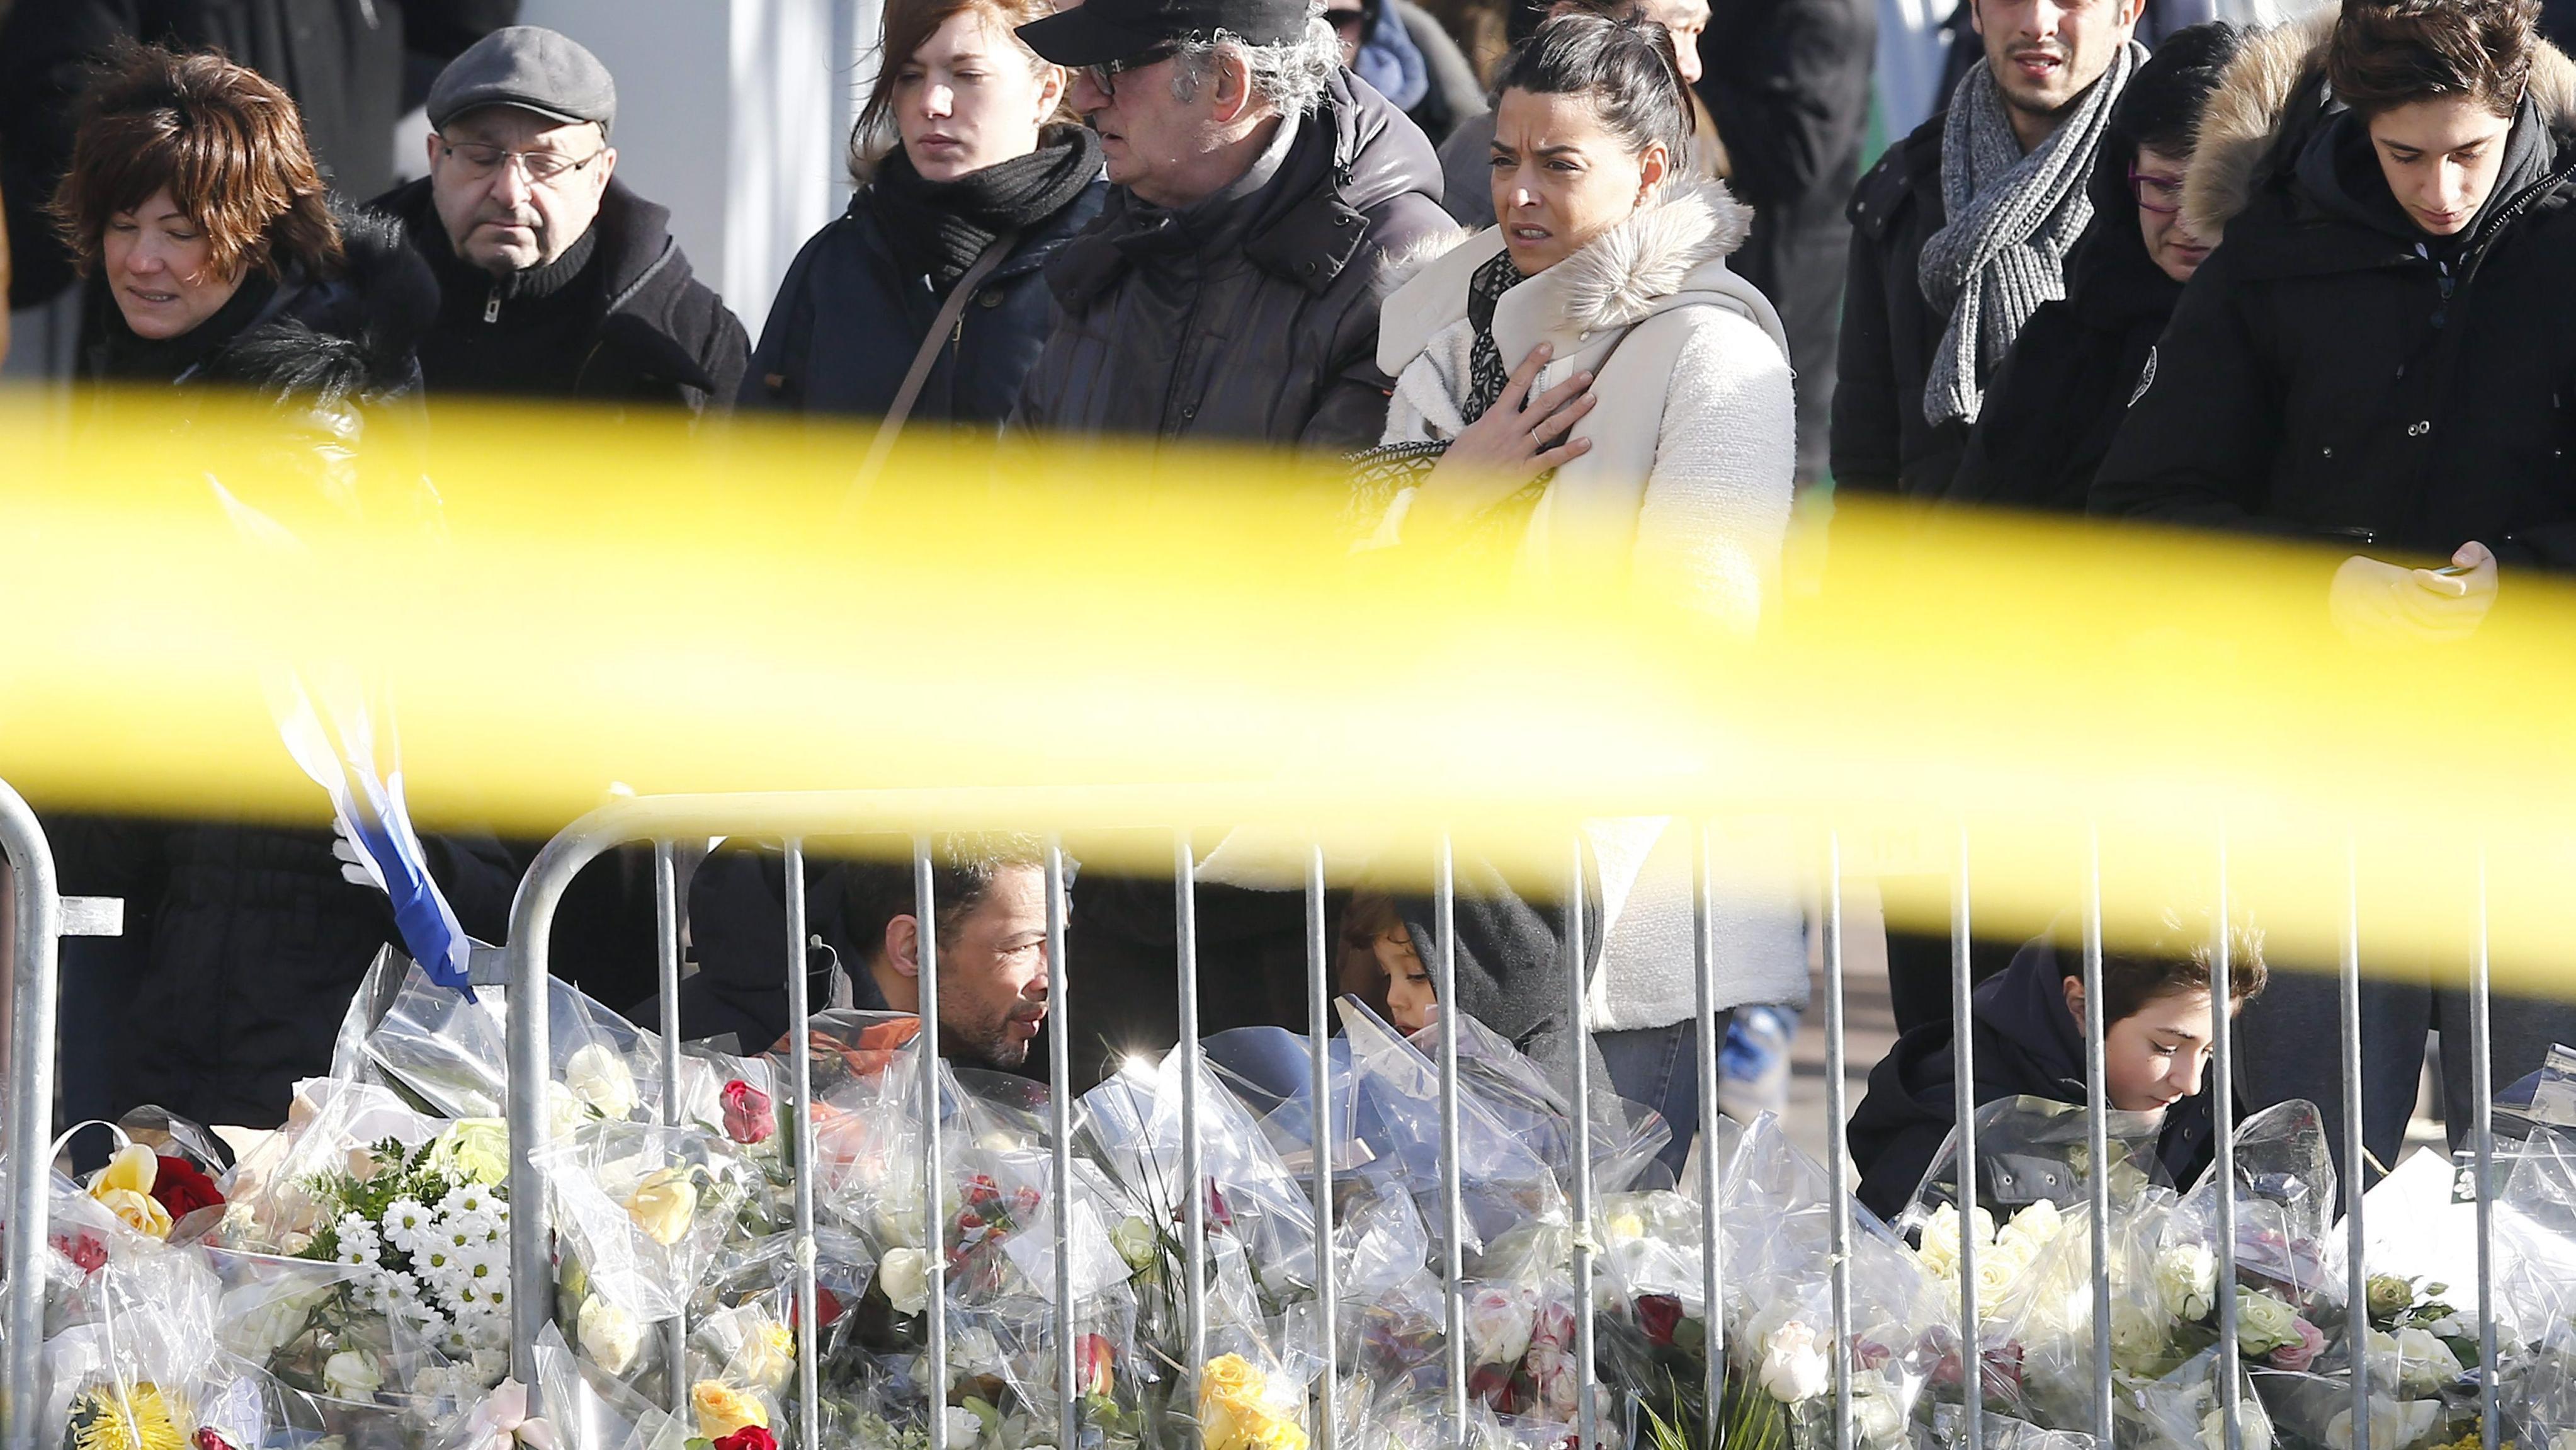 La gente se reúne en homenaje a las víctimas del mercado judío